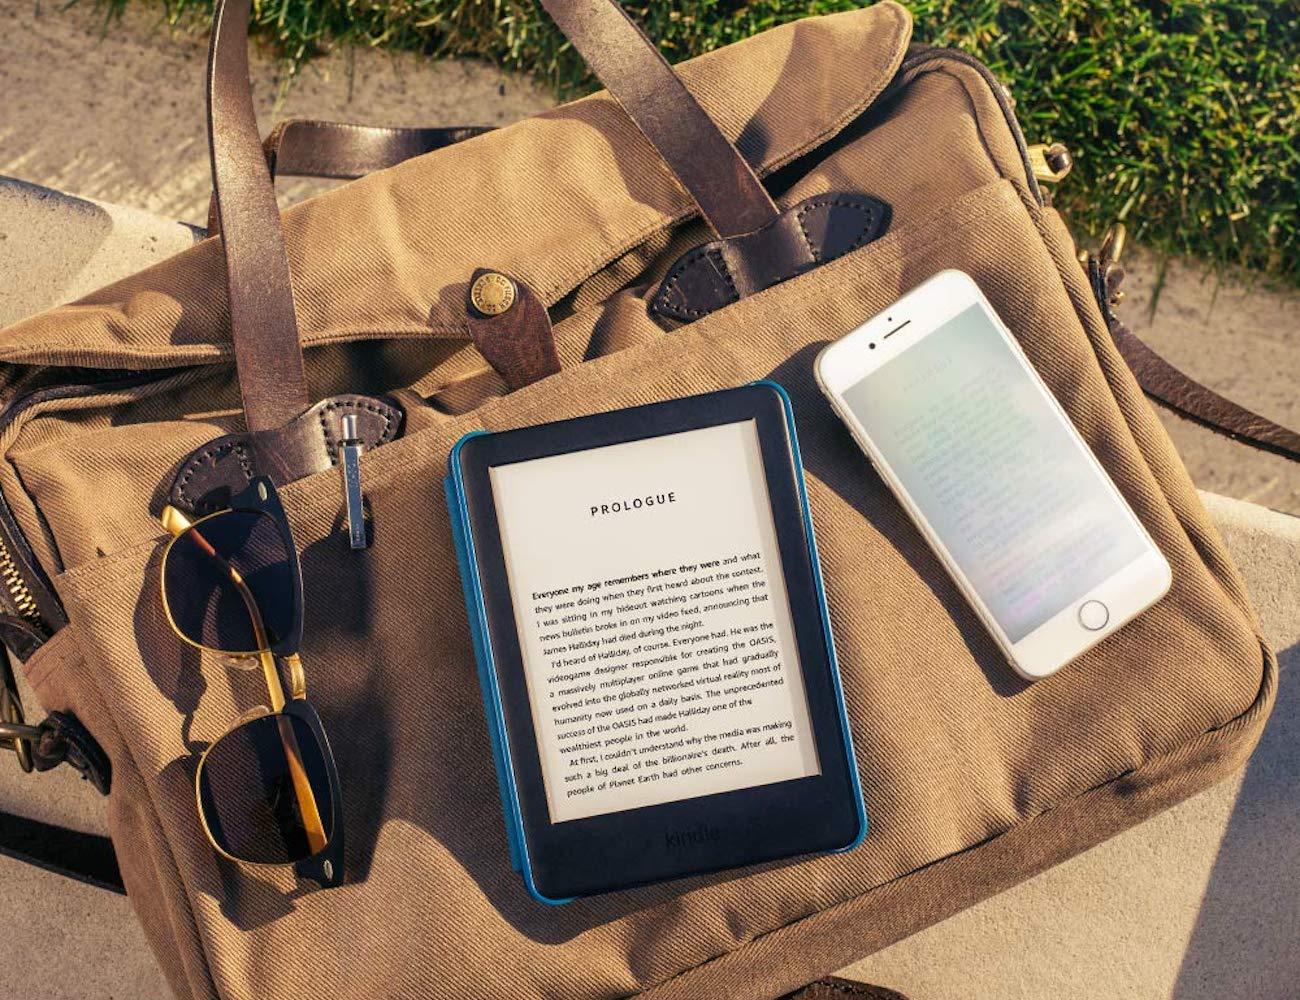 Kindle Built-In Front Light E-Reader